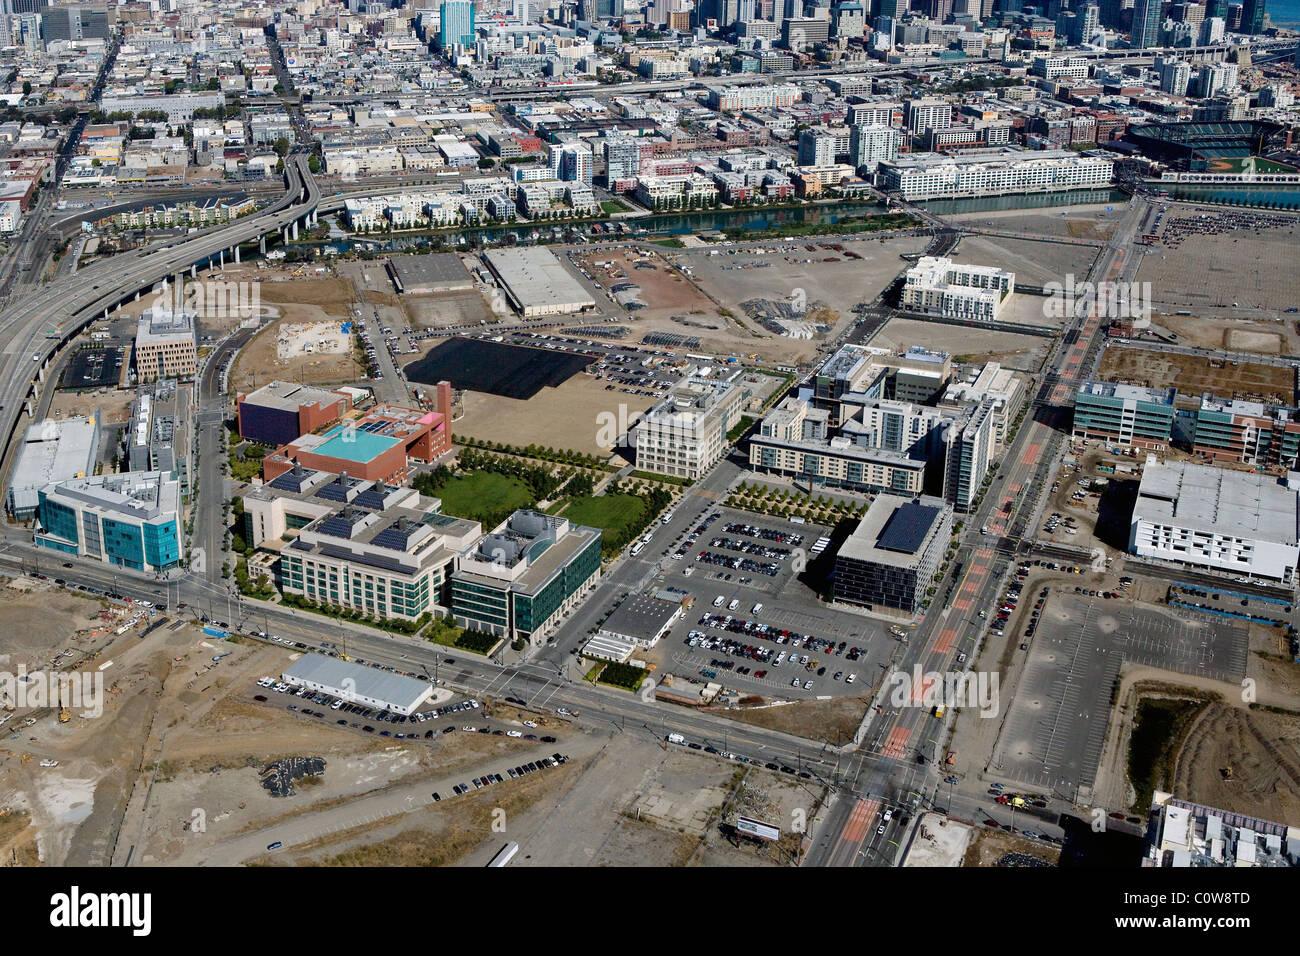 Vista aérea por encima de la Bahía Misión, BIOMED UCSF de biotecnología de la Universidad de Imagen De Stock